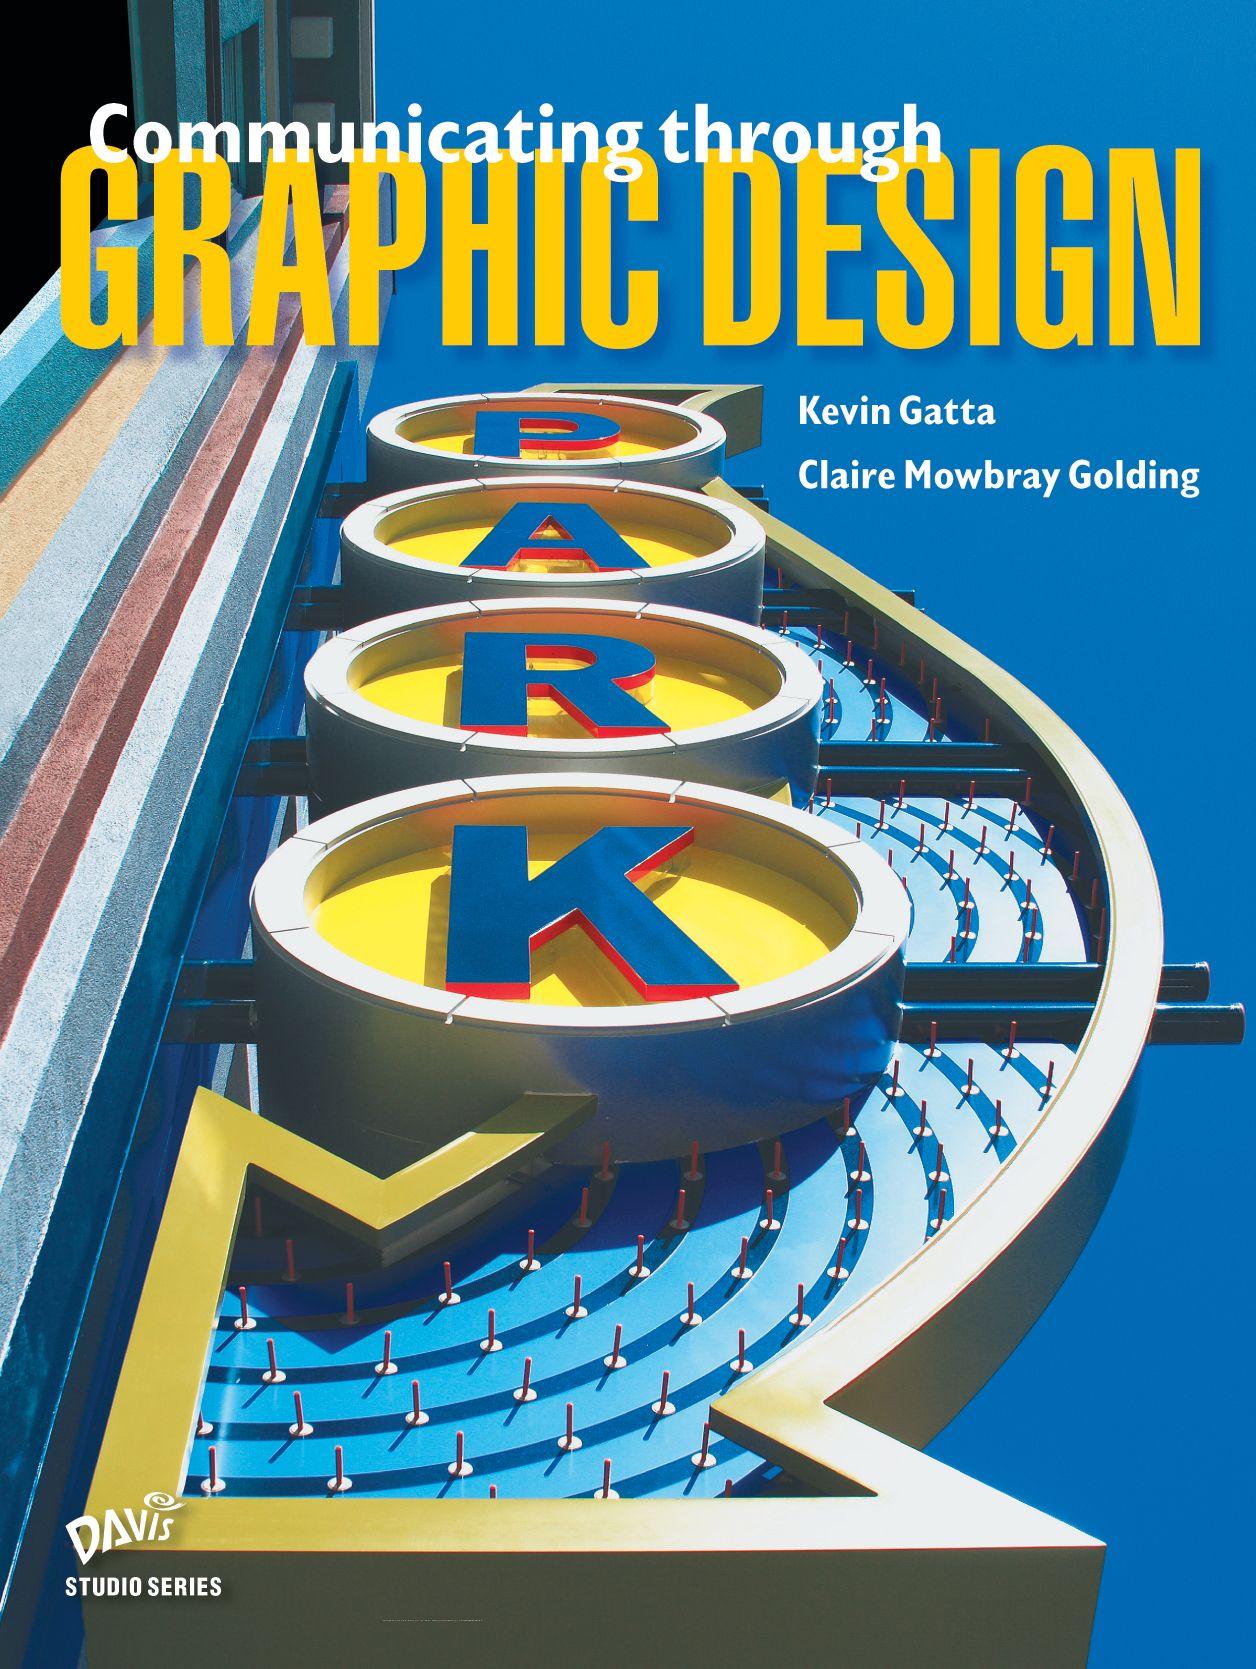 Graphic Design Studio Art Textbook Program High School Graphic Design Curriculum Teaching Graphic Design Graphic Design Lesson Plans,Modern Commercial Office Design Ideas